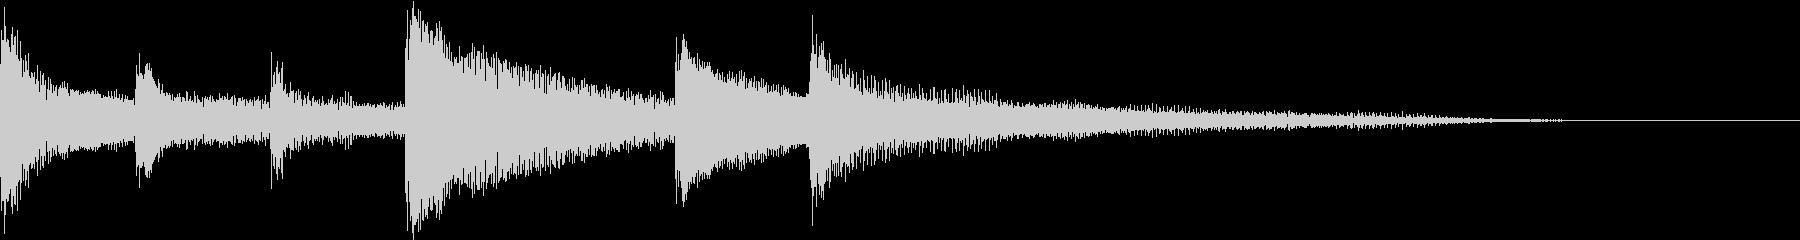 優しさ溢れるピアノのジングル2の未再生の波形